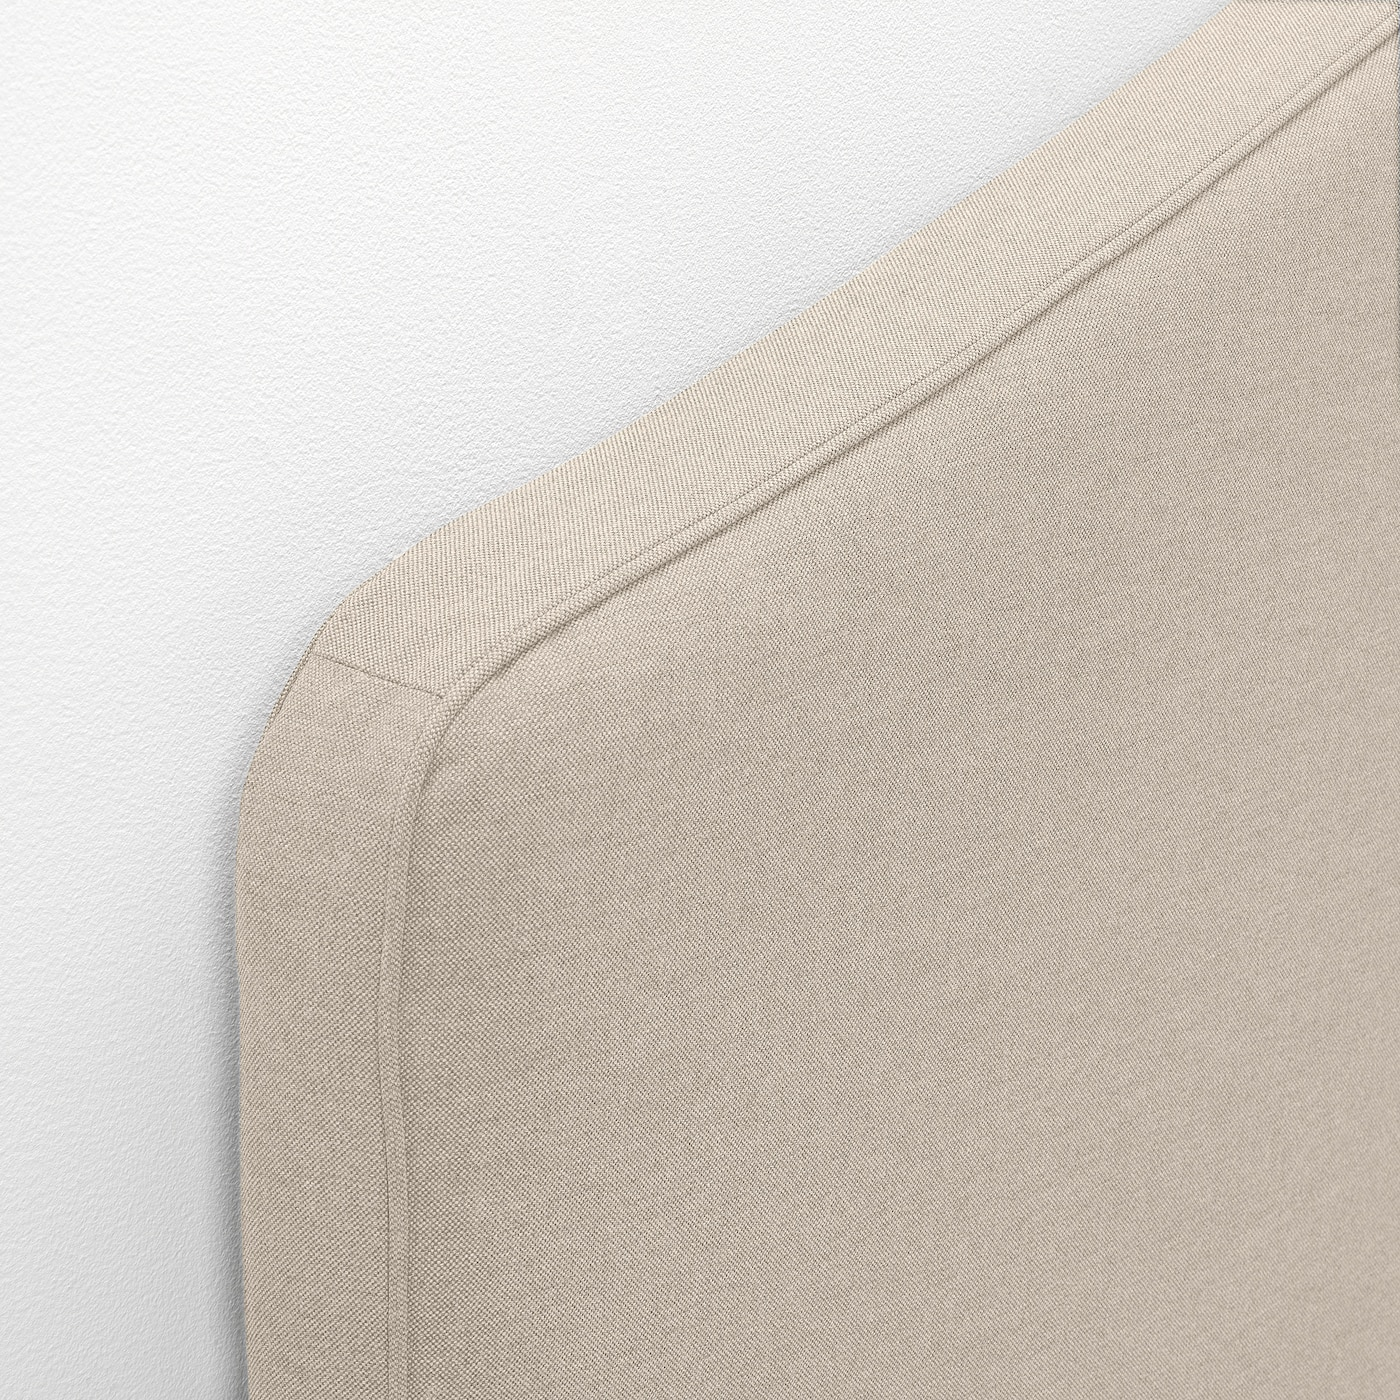 LEBENSwohnART Auflage f/ür Liegestuhl KURSI Off-White Sitzauflage Kissenauflage Kissen Polster